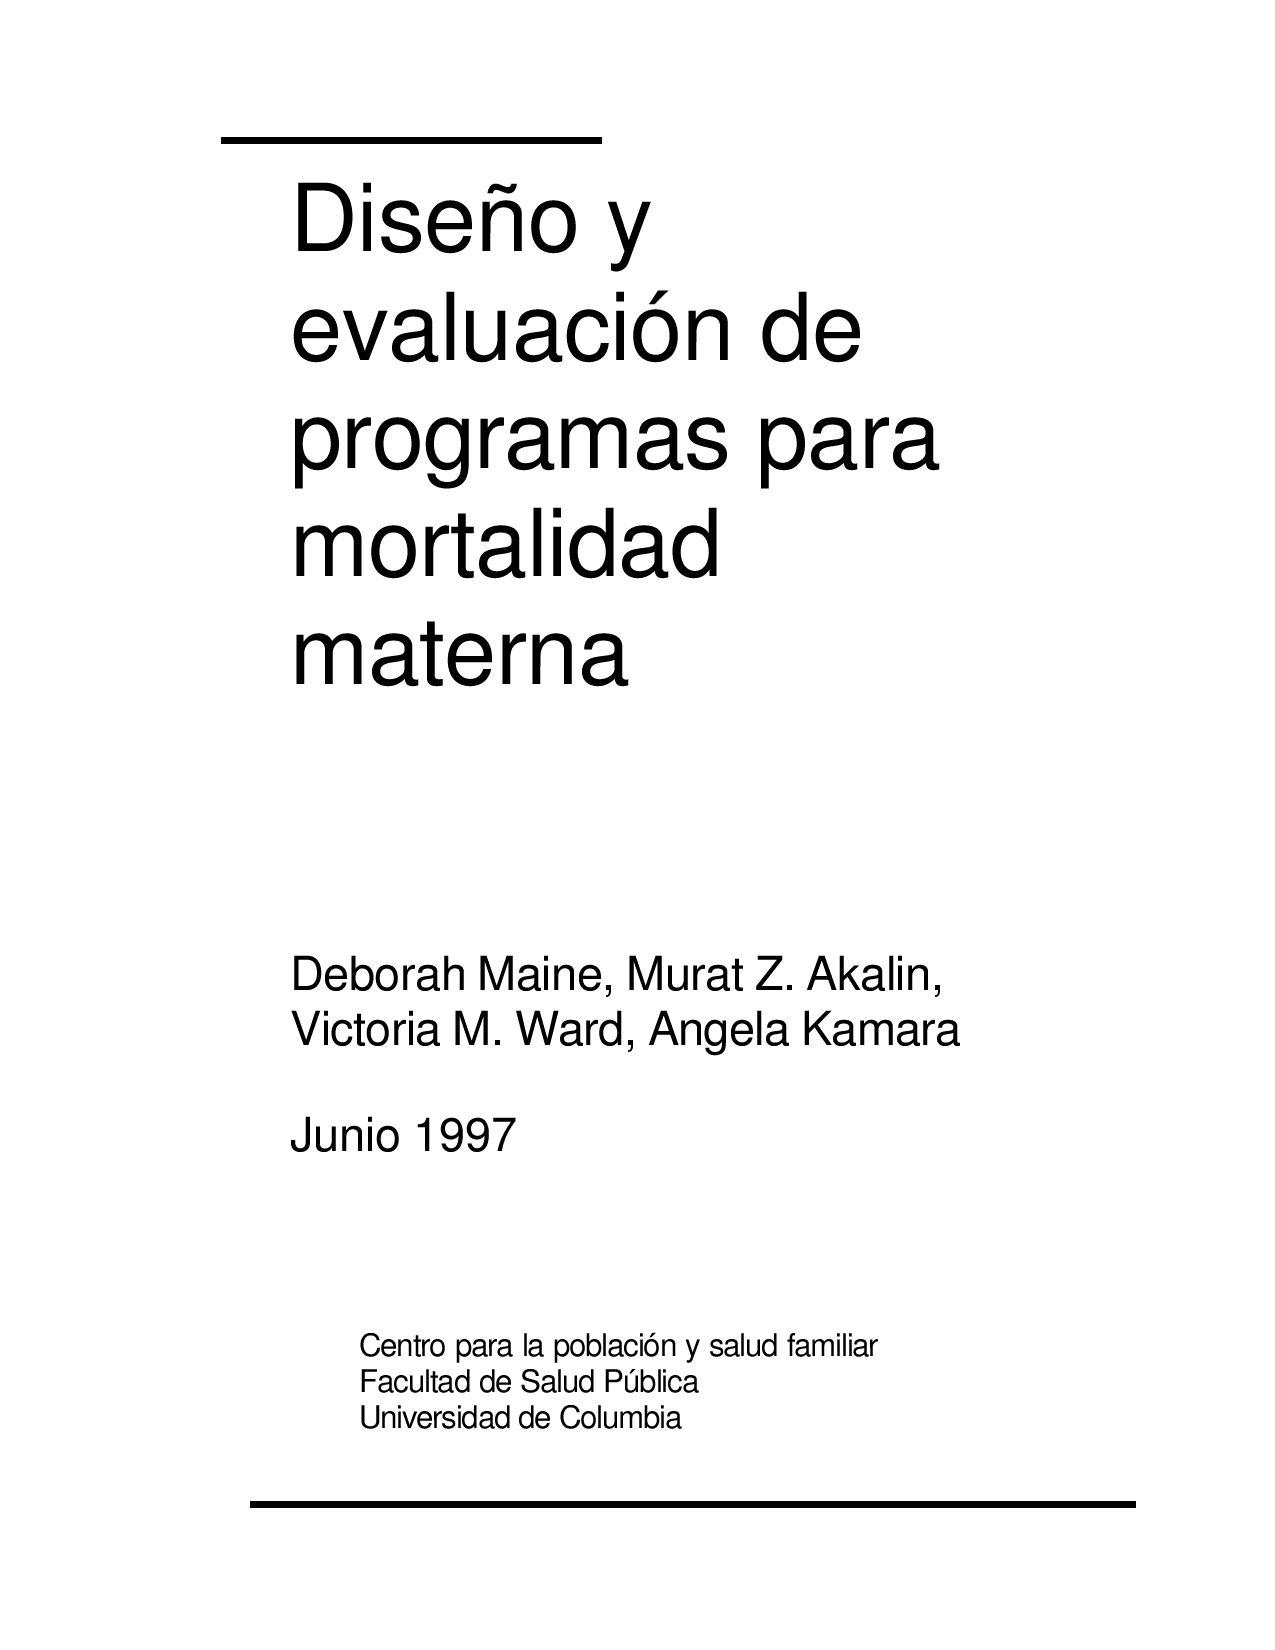 PROGRAMAS MM issuu DRPPACH Y by PARA DISEÑO DE EVALUACION XTPuOkiZ